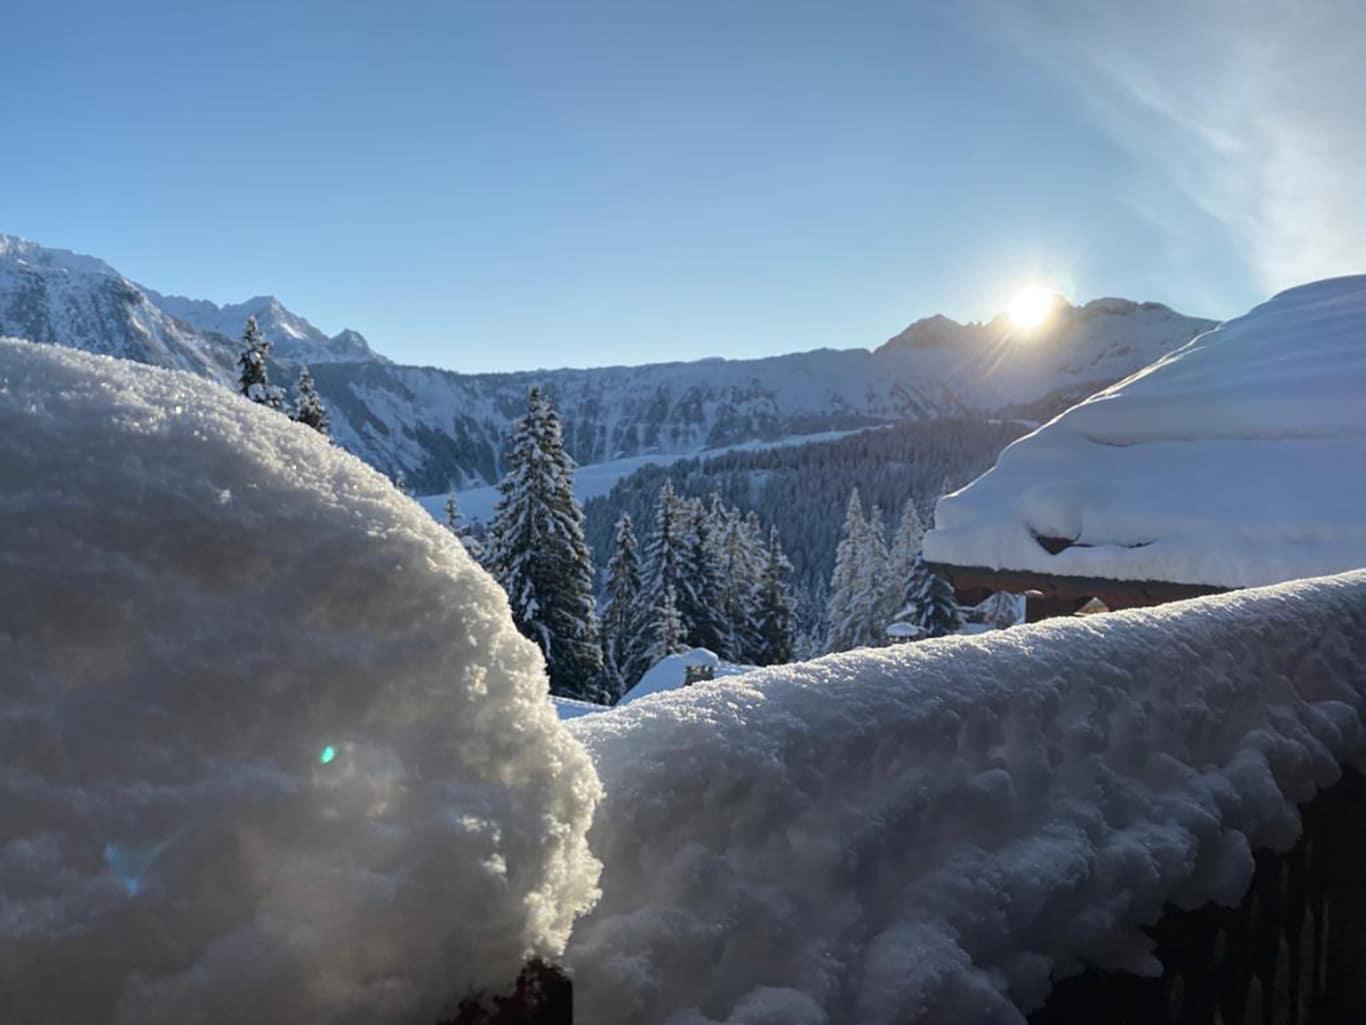 chalet montana landscape view